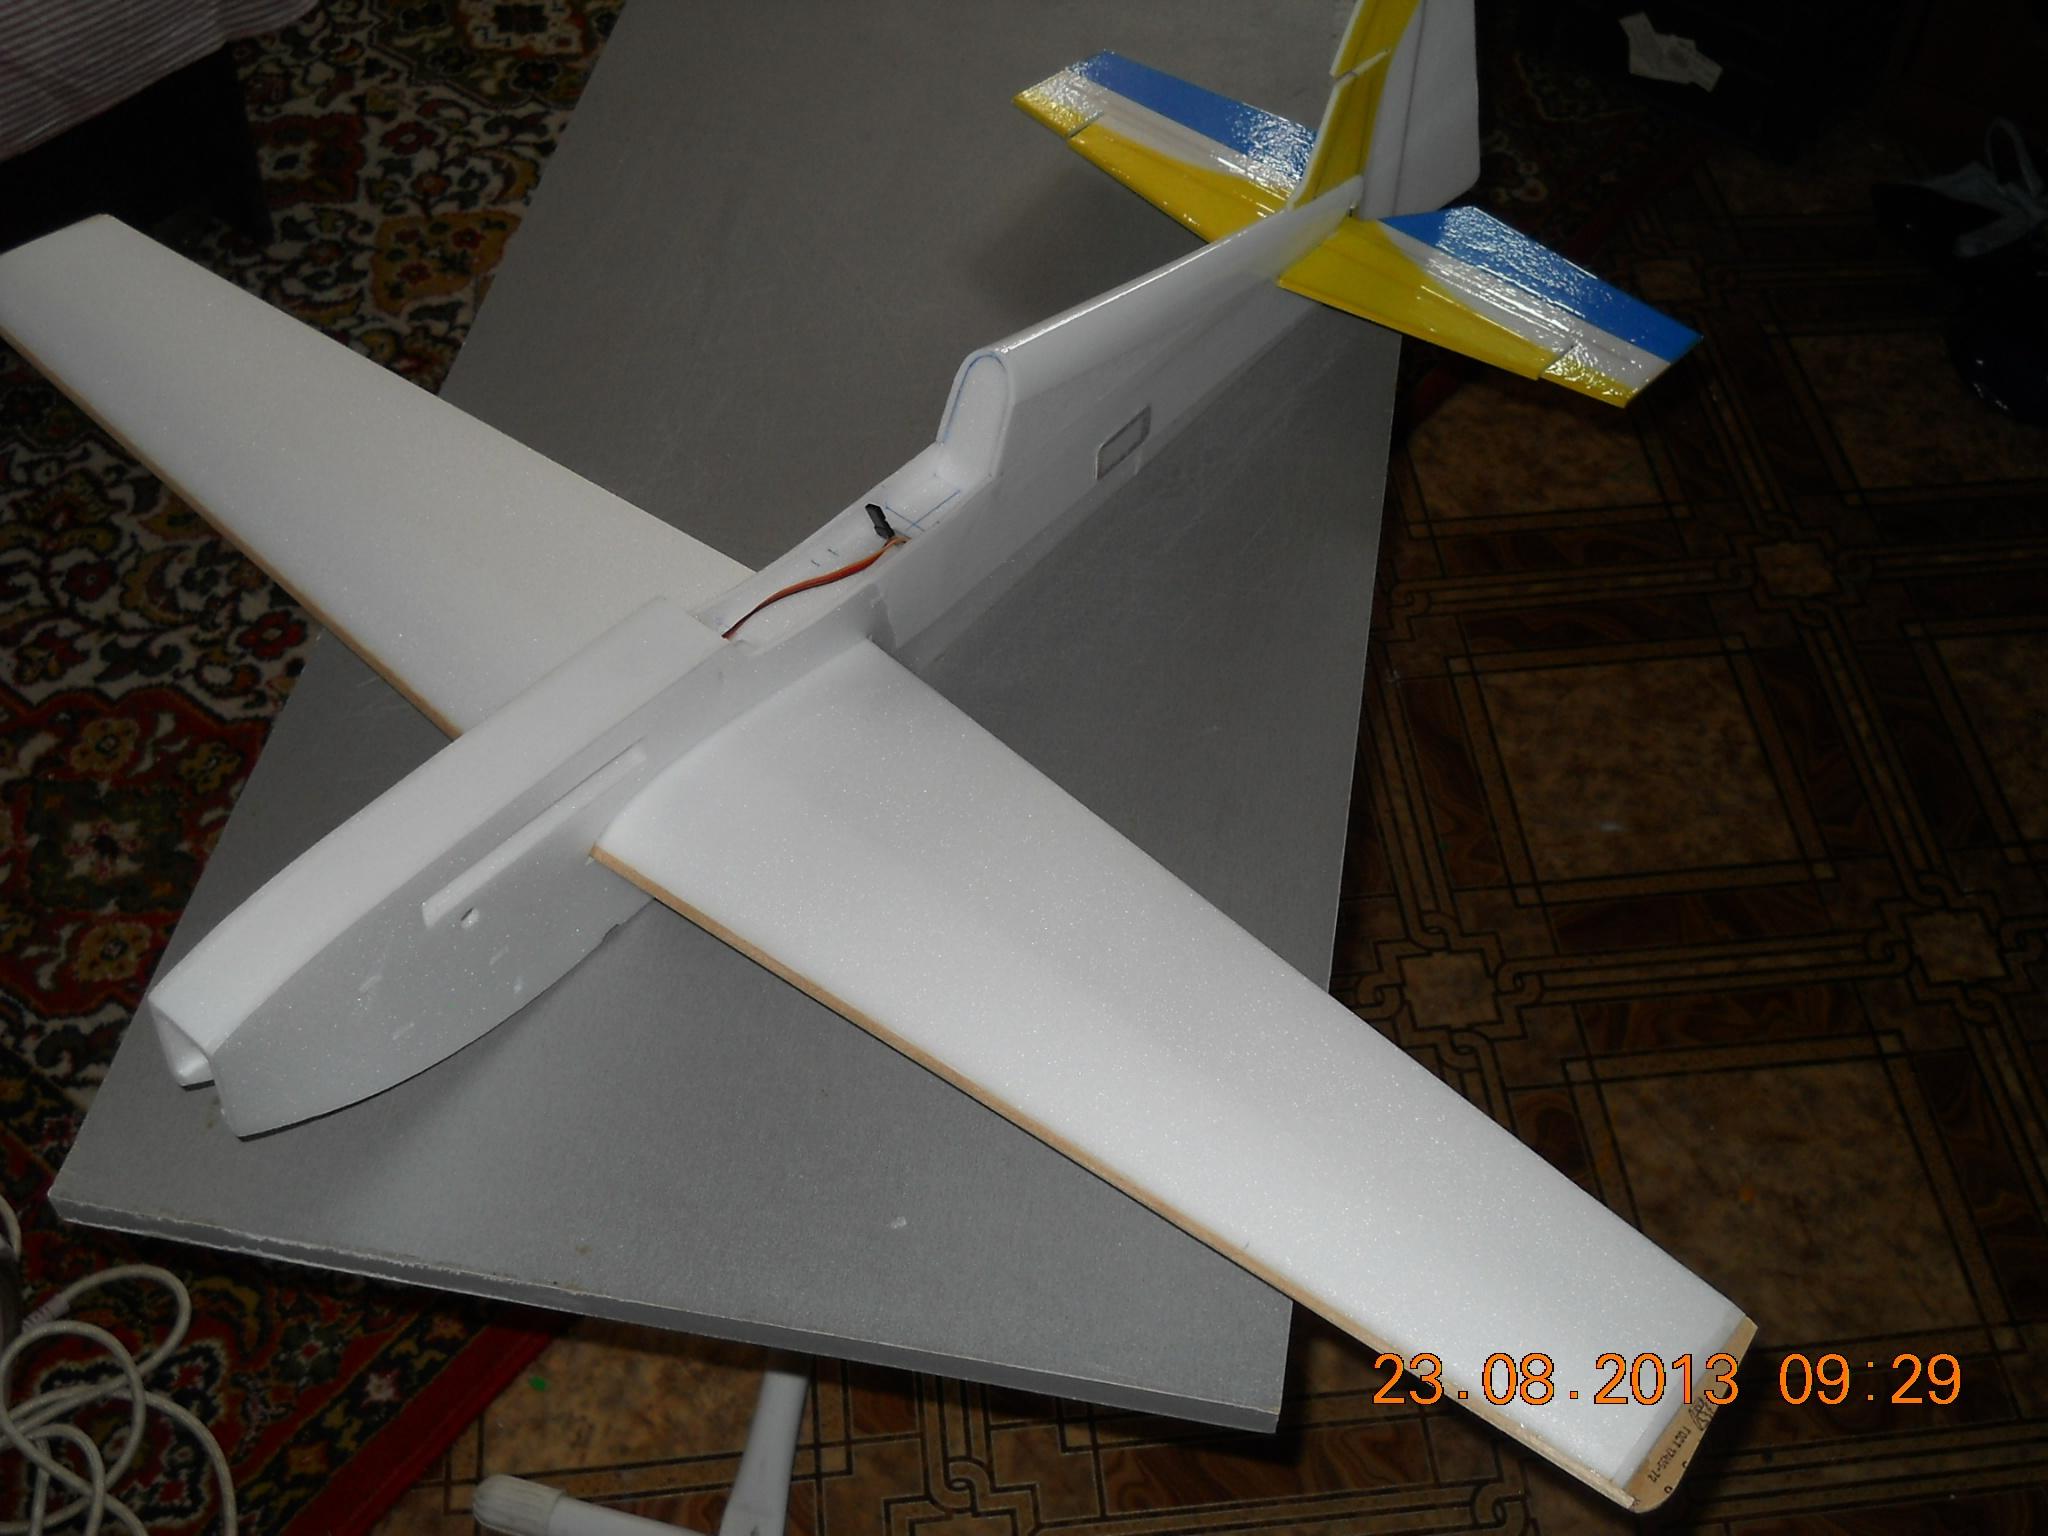 Как сделать самолет из потолочной плитки своими руками